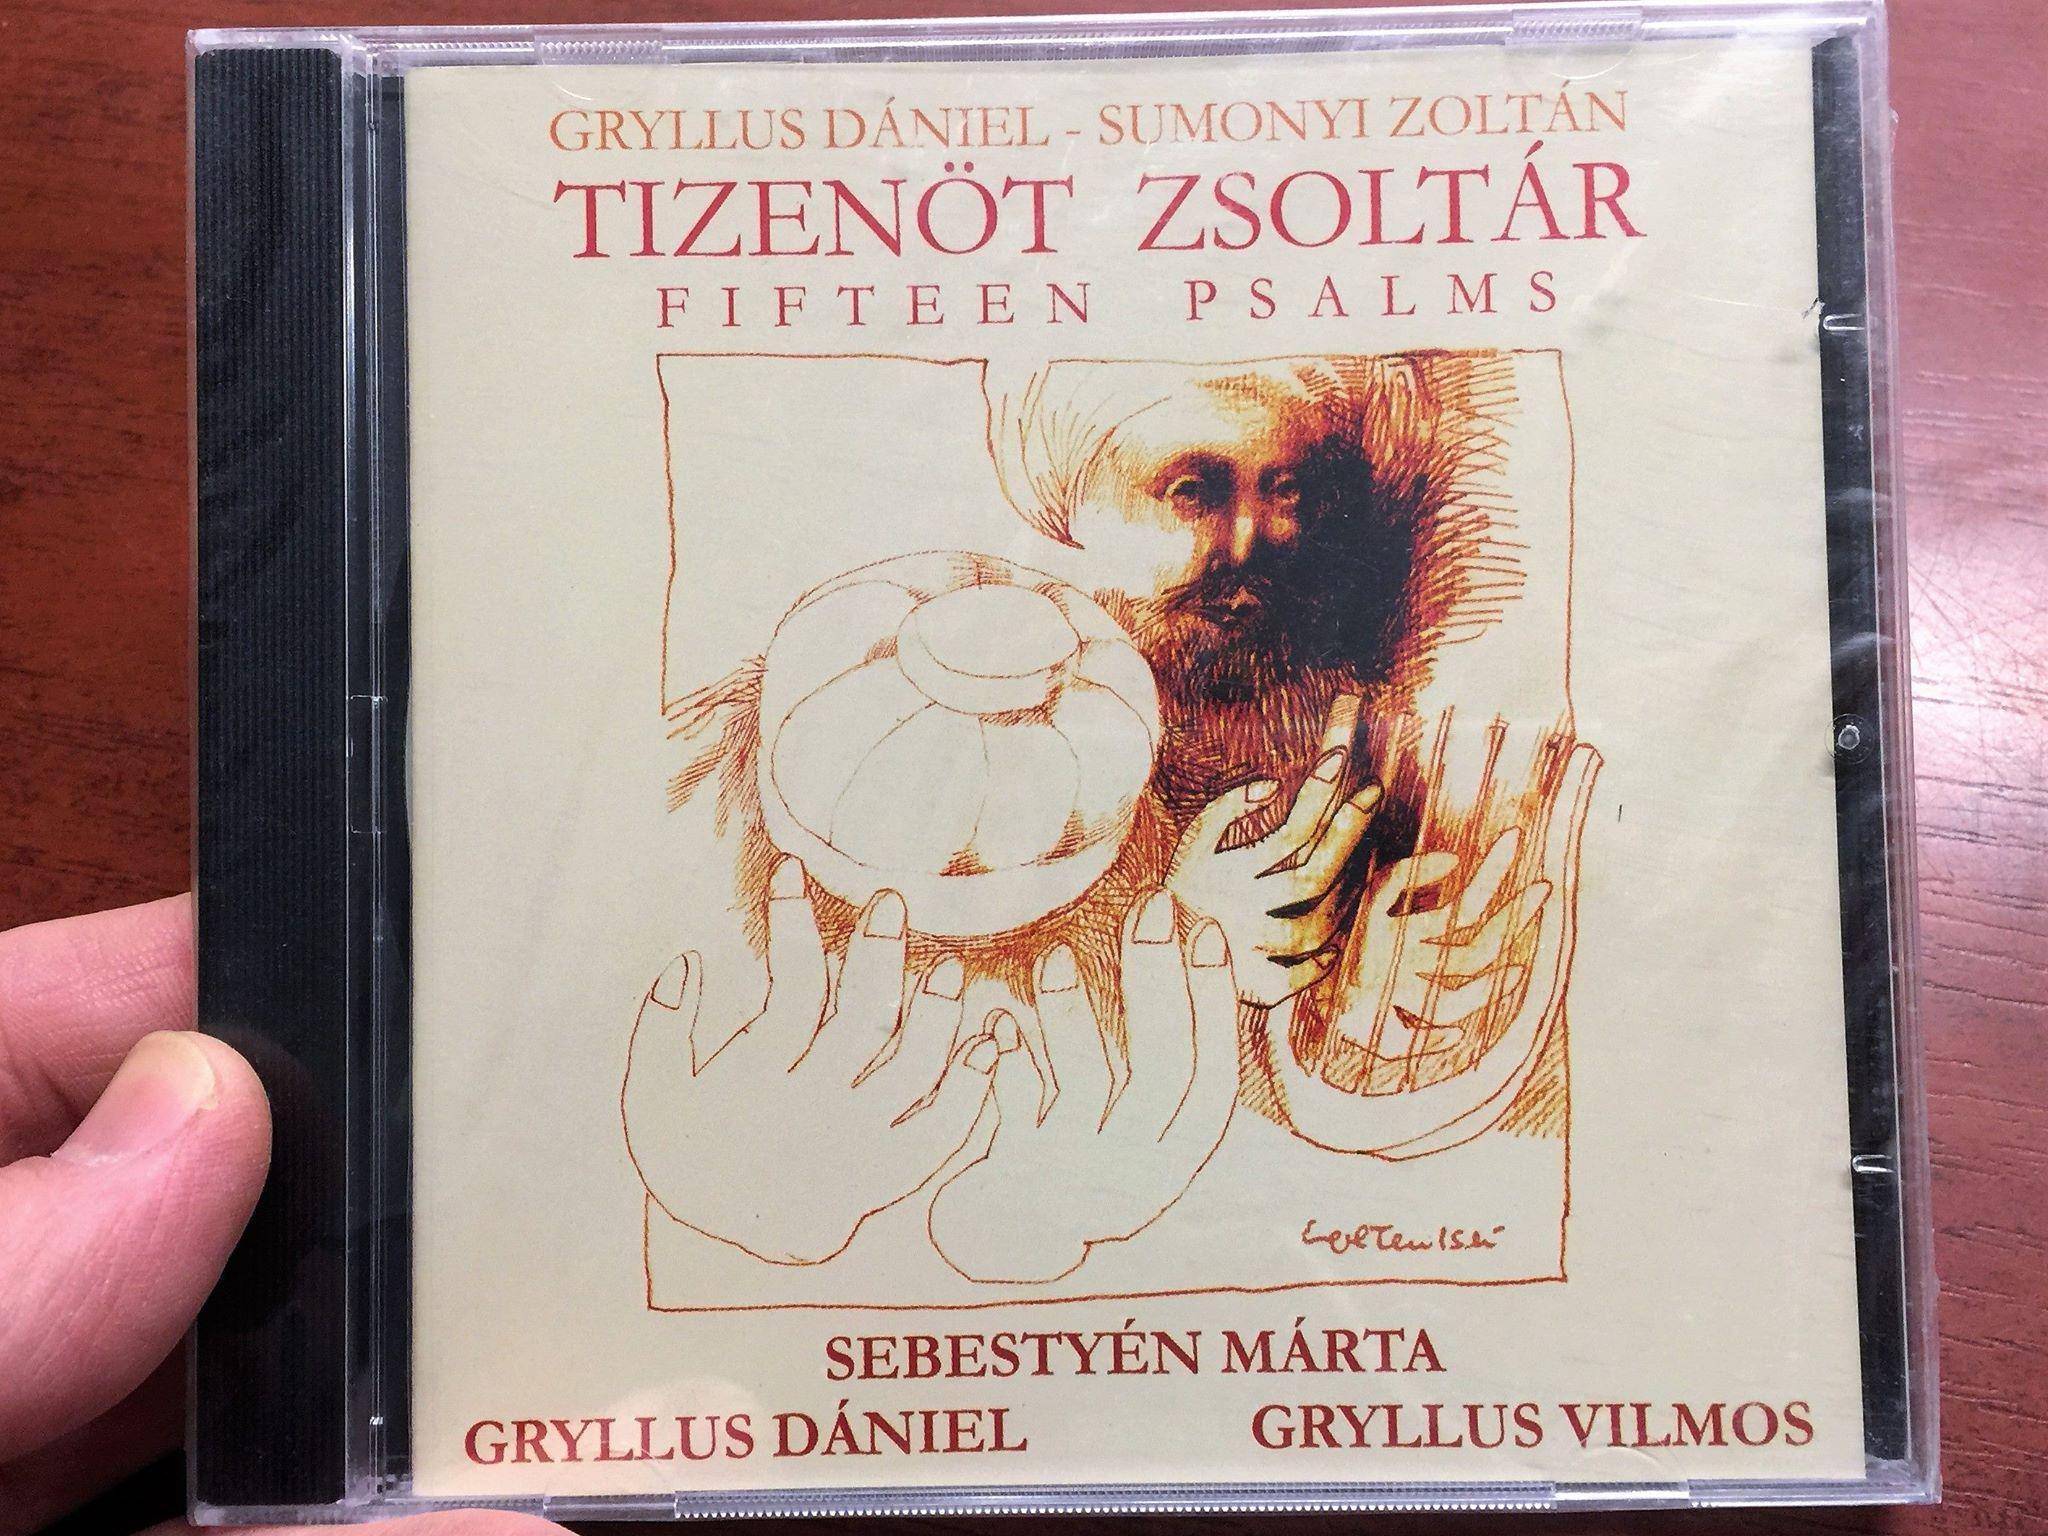 tizen-t-zsolt-r-fifteen-psalms-gryllus-d-niel-sumonyi-zolt-n-gcd004-1-.jpg